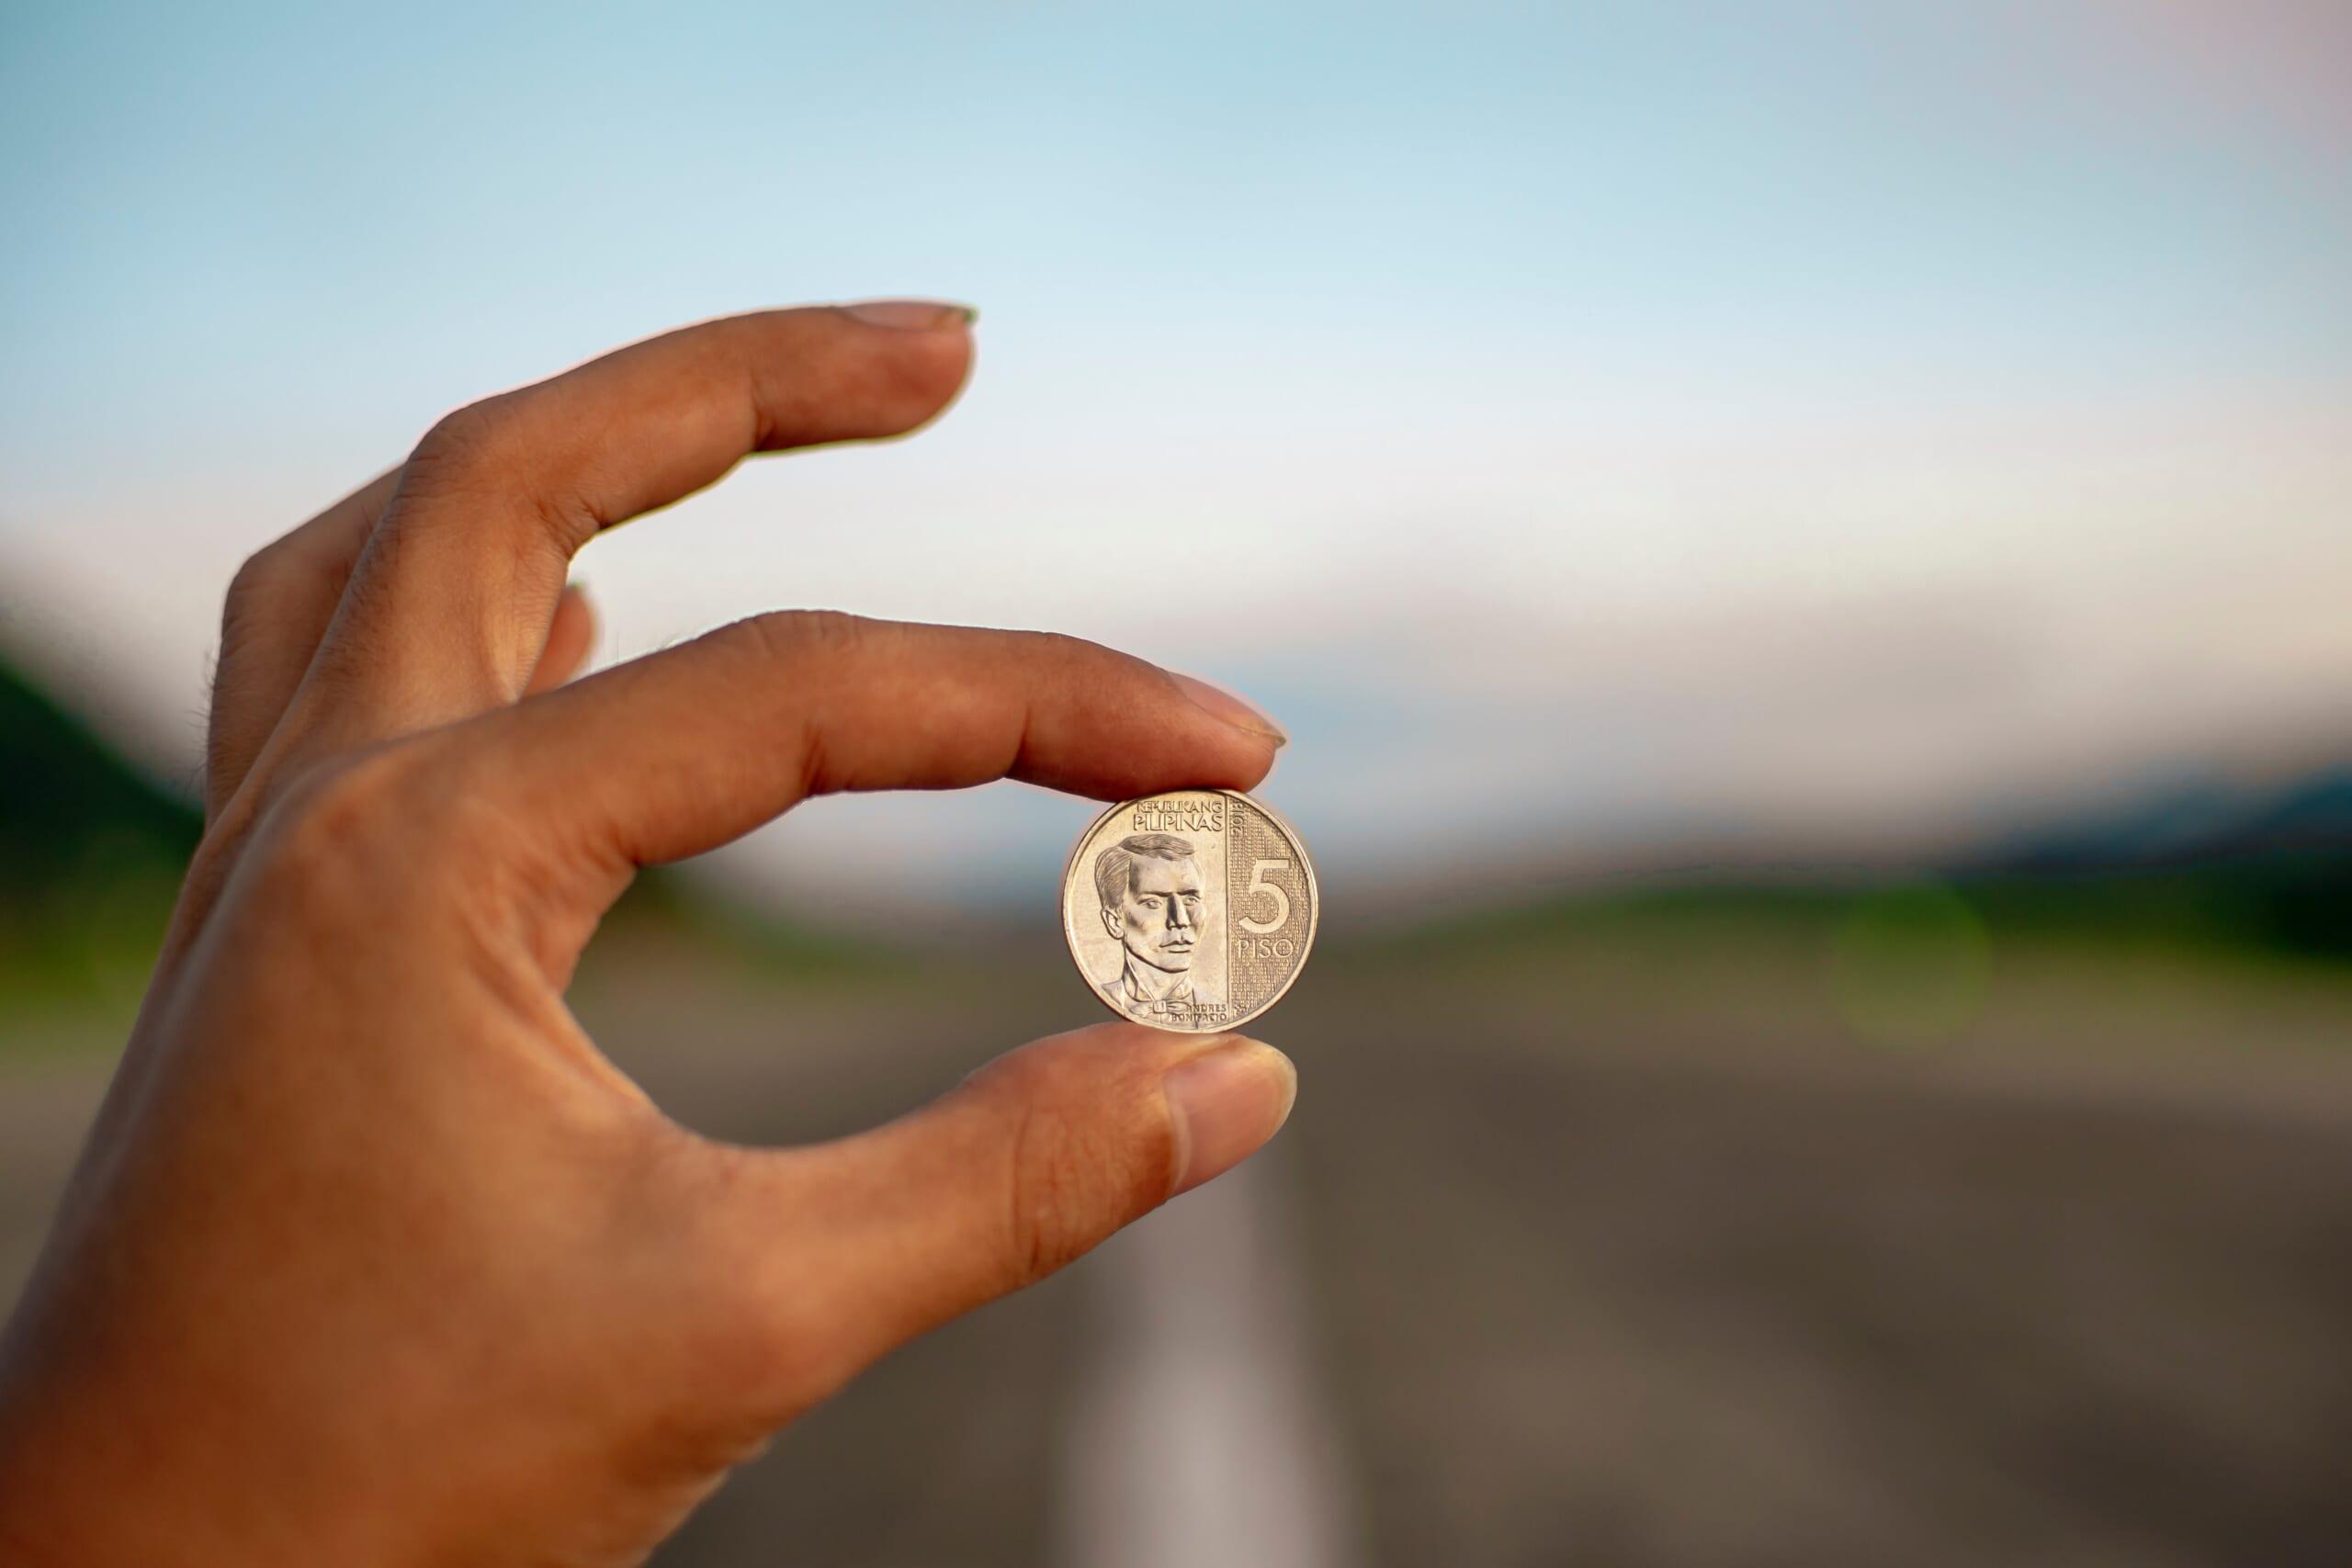 アンティークコイン_価値_コインの価値